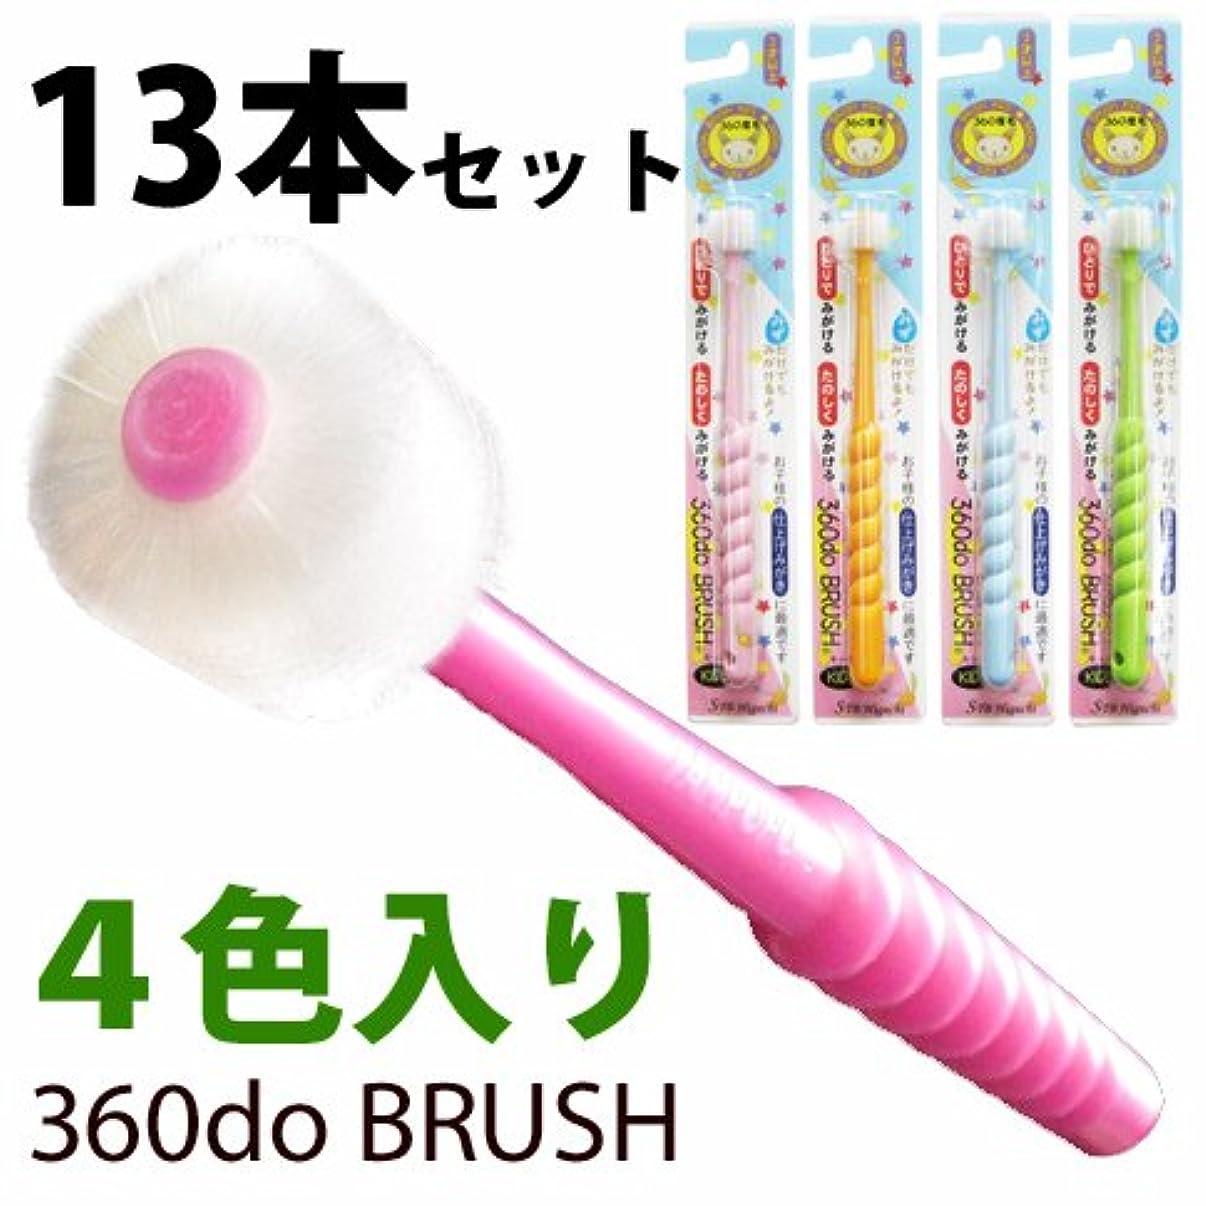 送る不格好エレメンタル360do BRUSH 360度歯ブラシ キッズ 4色混合 13本セット